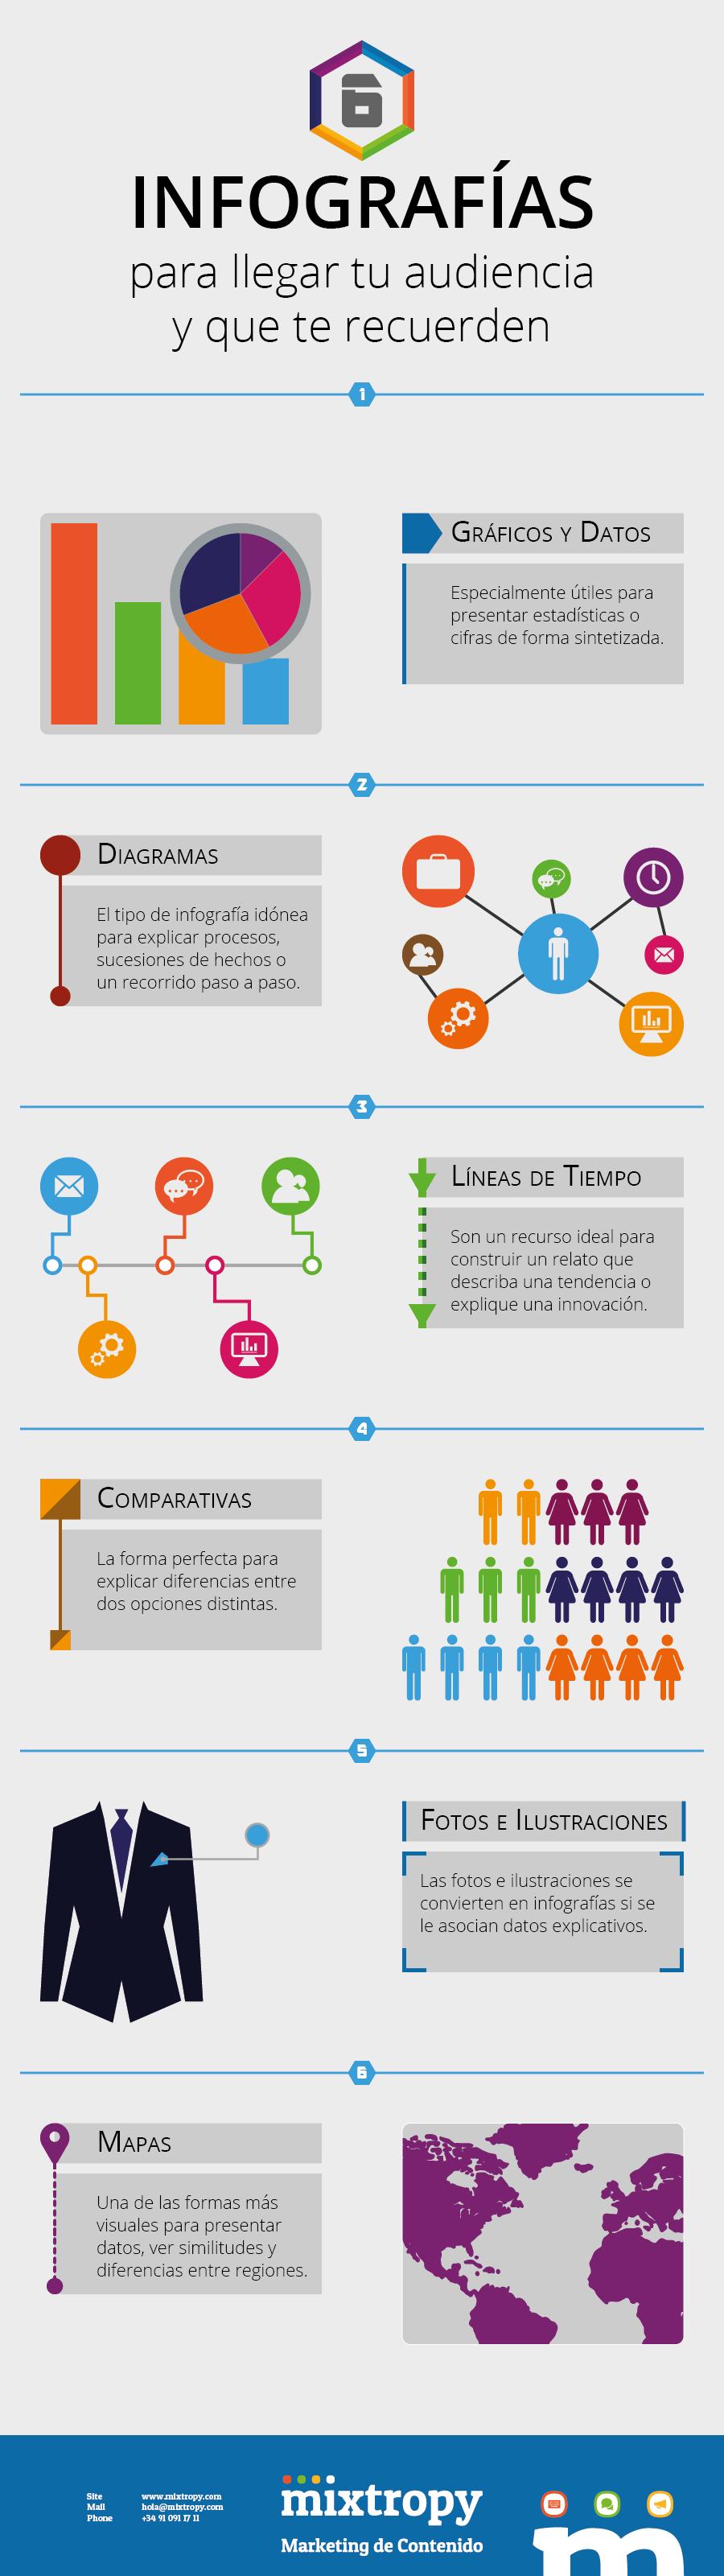 6 tipos de infografías para que te recuerden